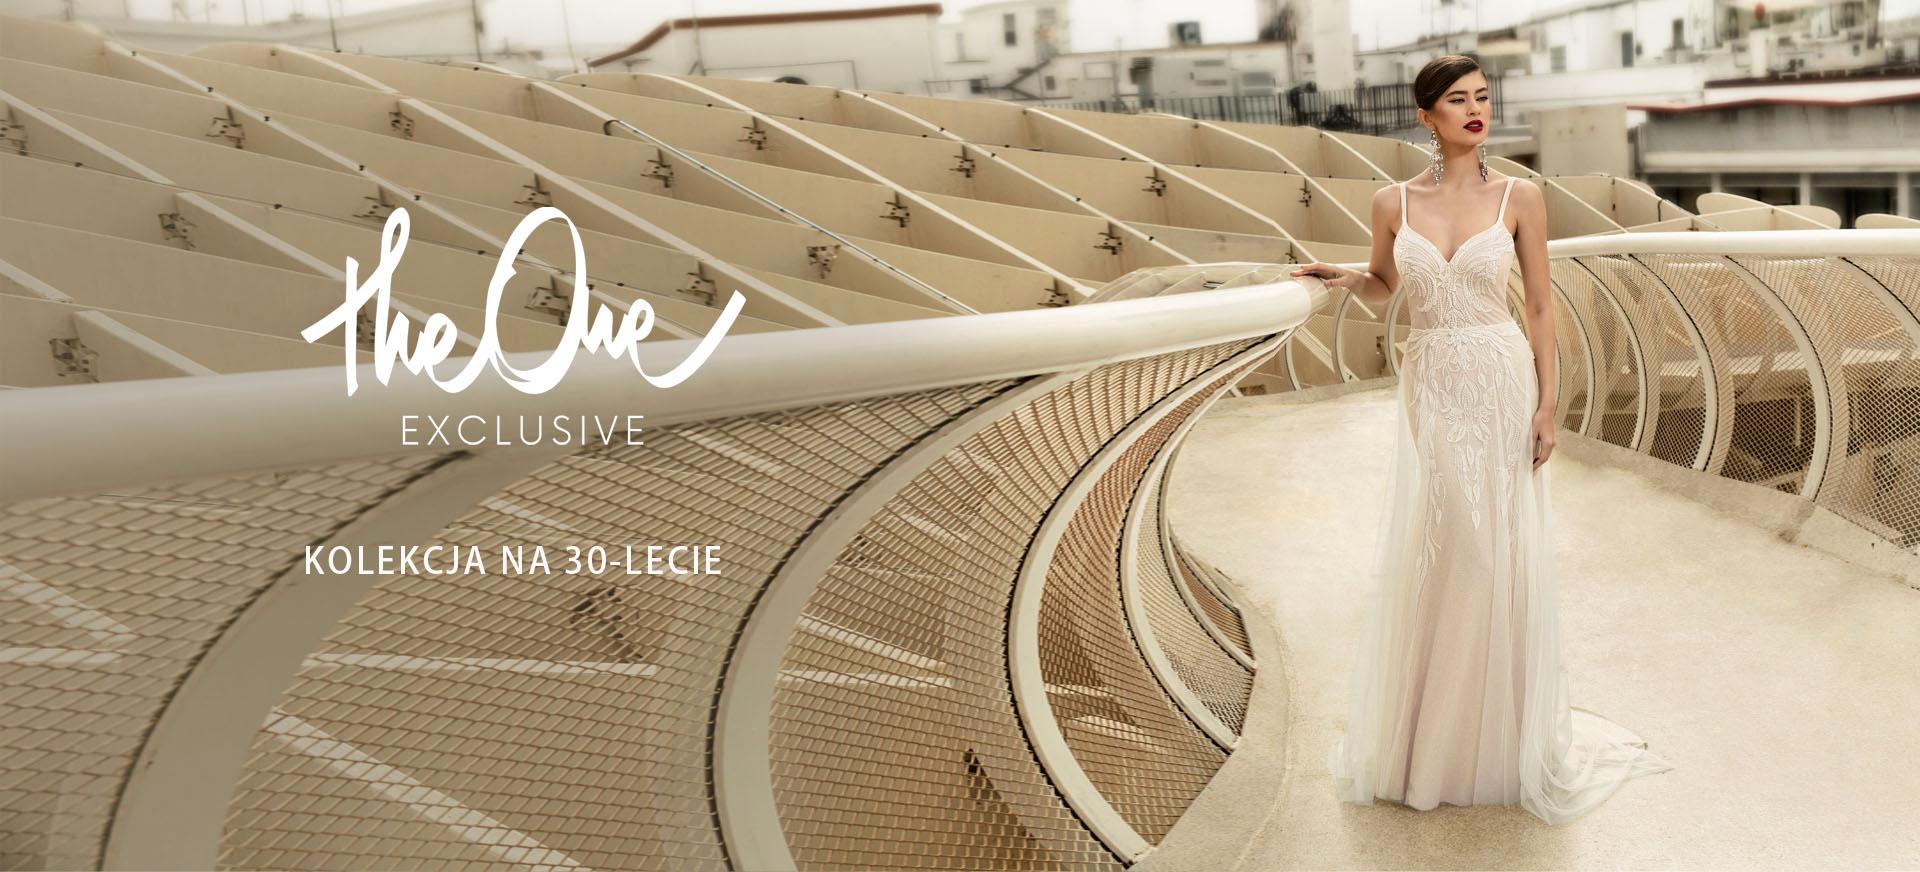 The One Exclusive - Sprawdź